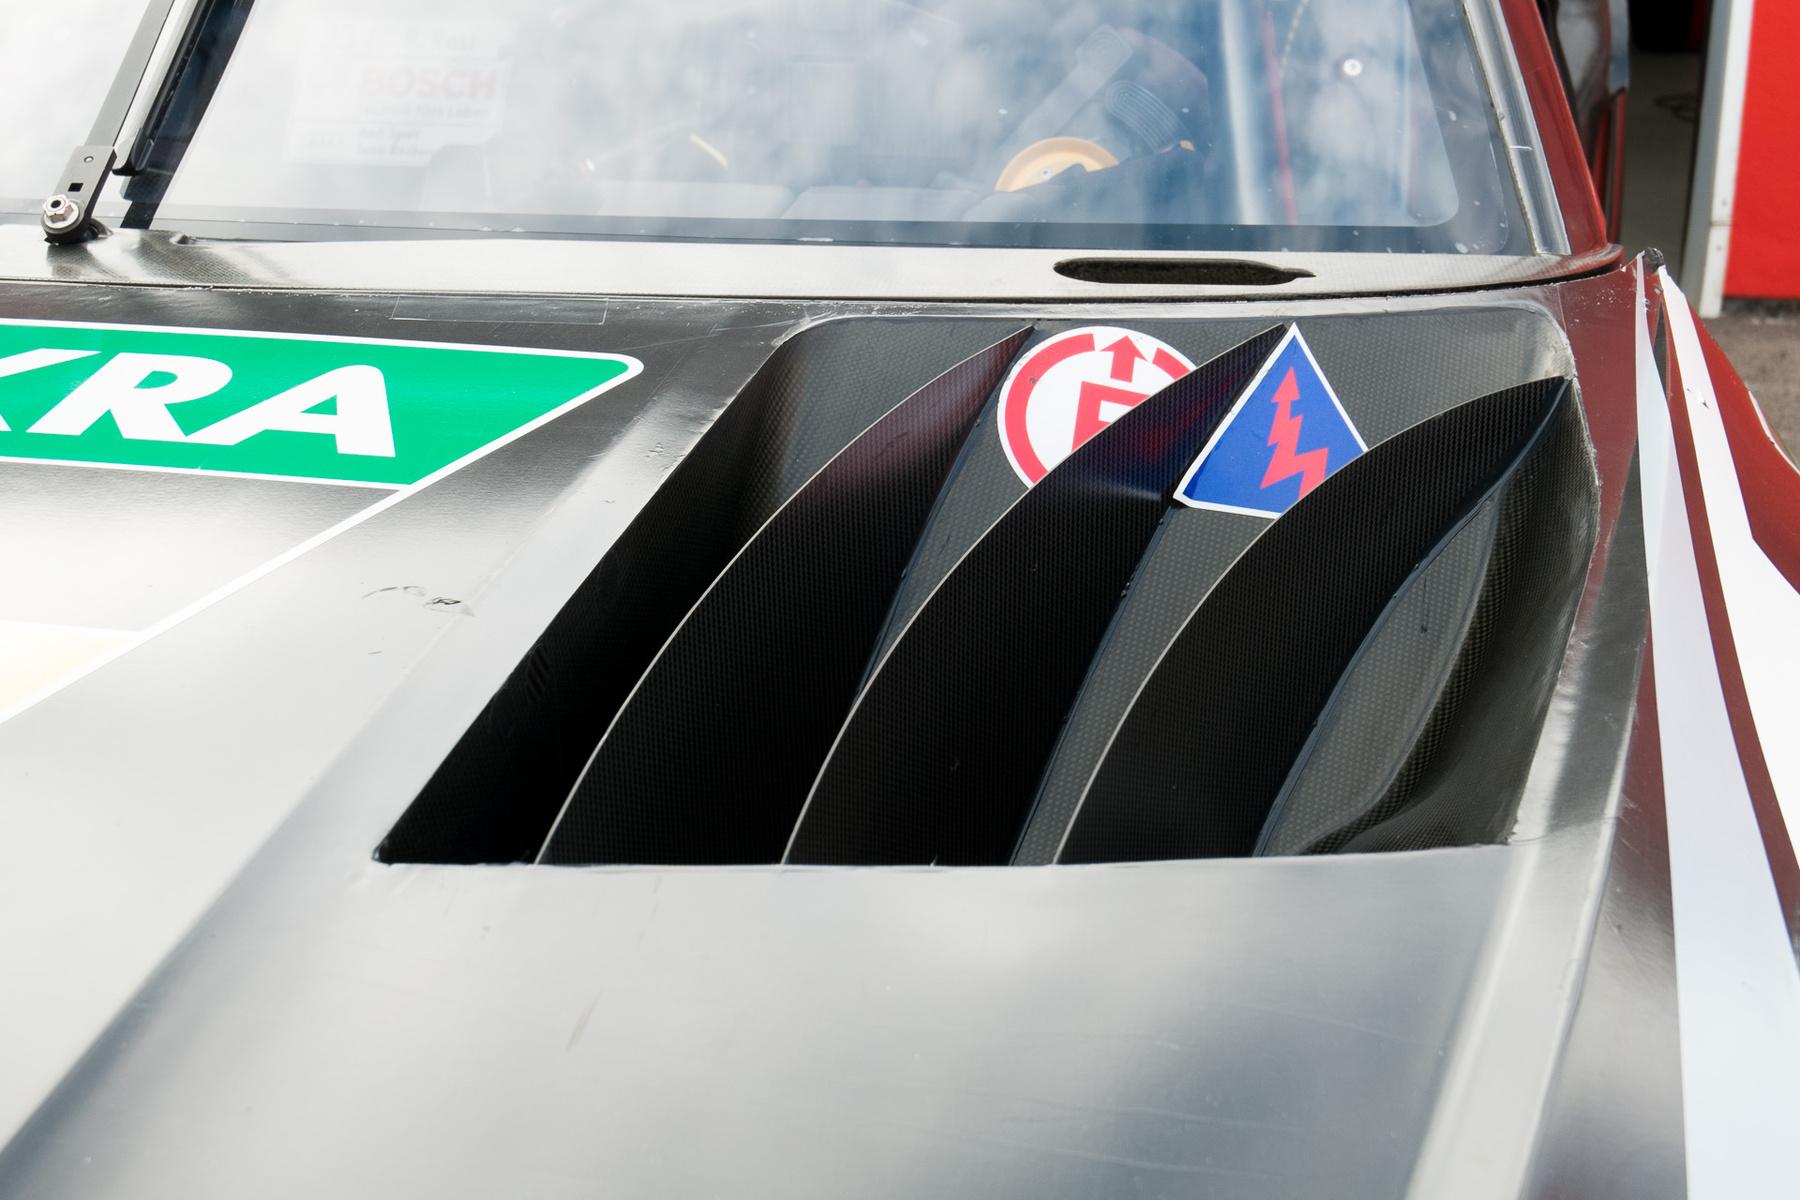 Ezt a féket a Le Mans-os autóról koppintották. Brutál hatékony a hűtése